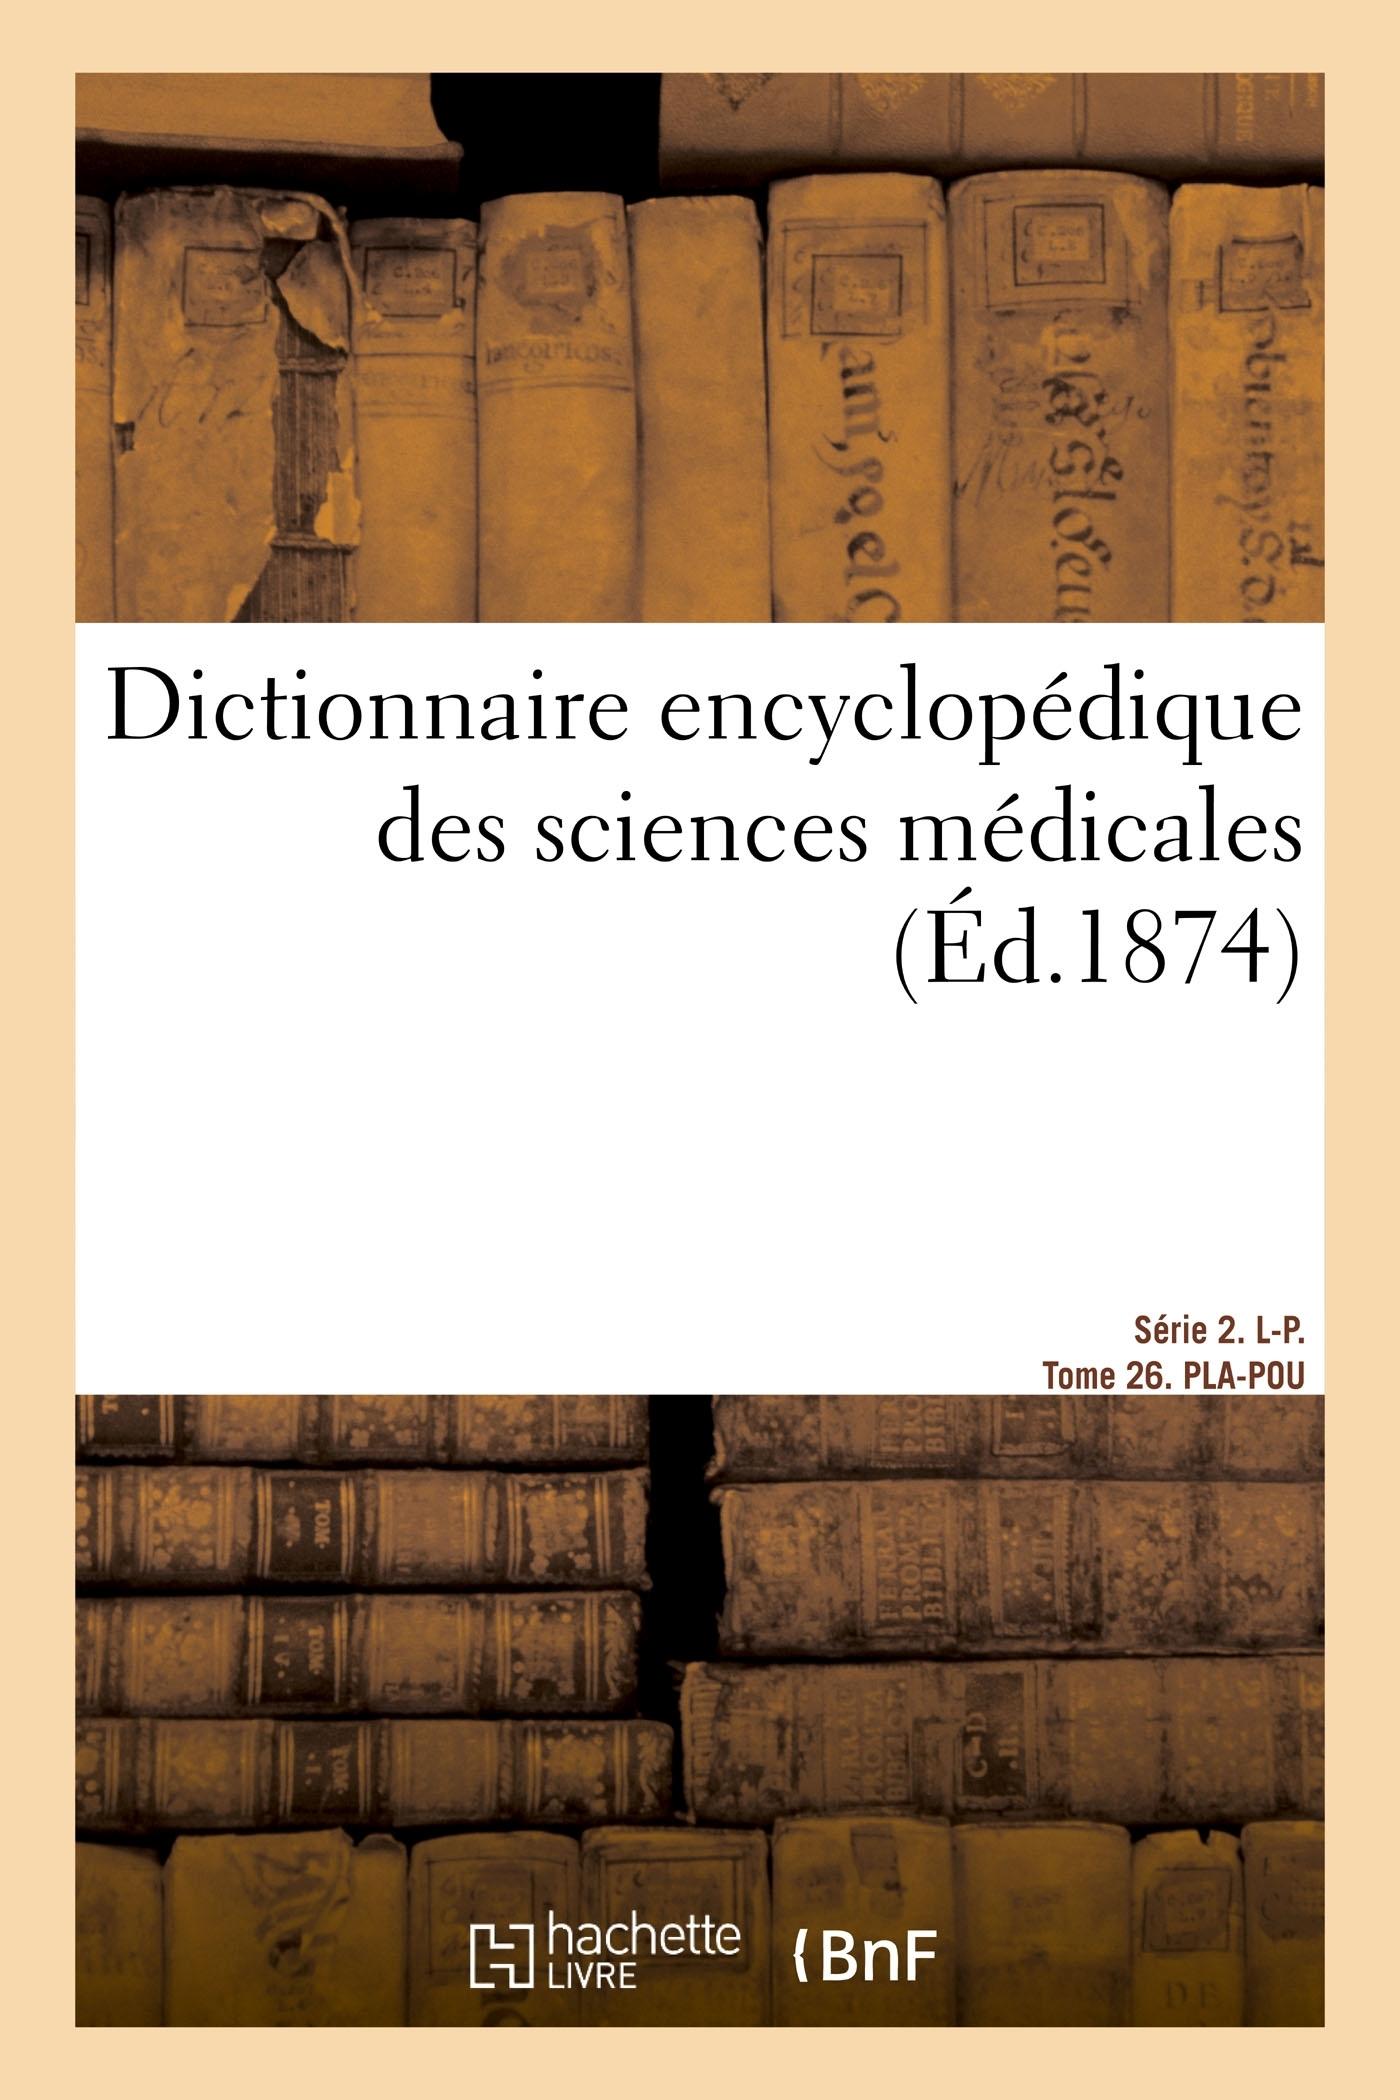 DICTIONNAIRE ENCYCLOPEDIQUE DES SCIENCES MEDICALES. SERIE 2. L-P.  TOME 26. PLA-POU